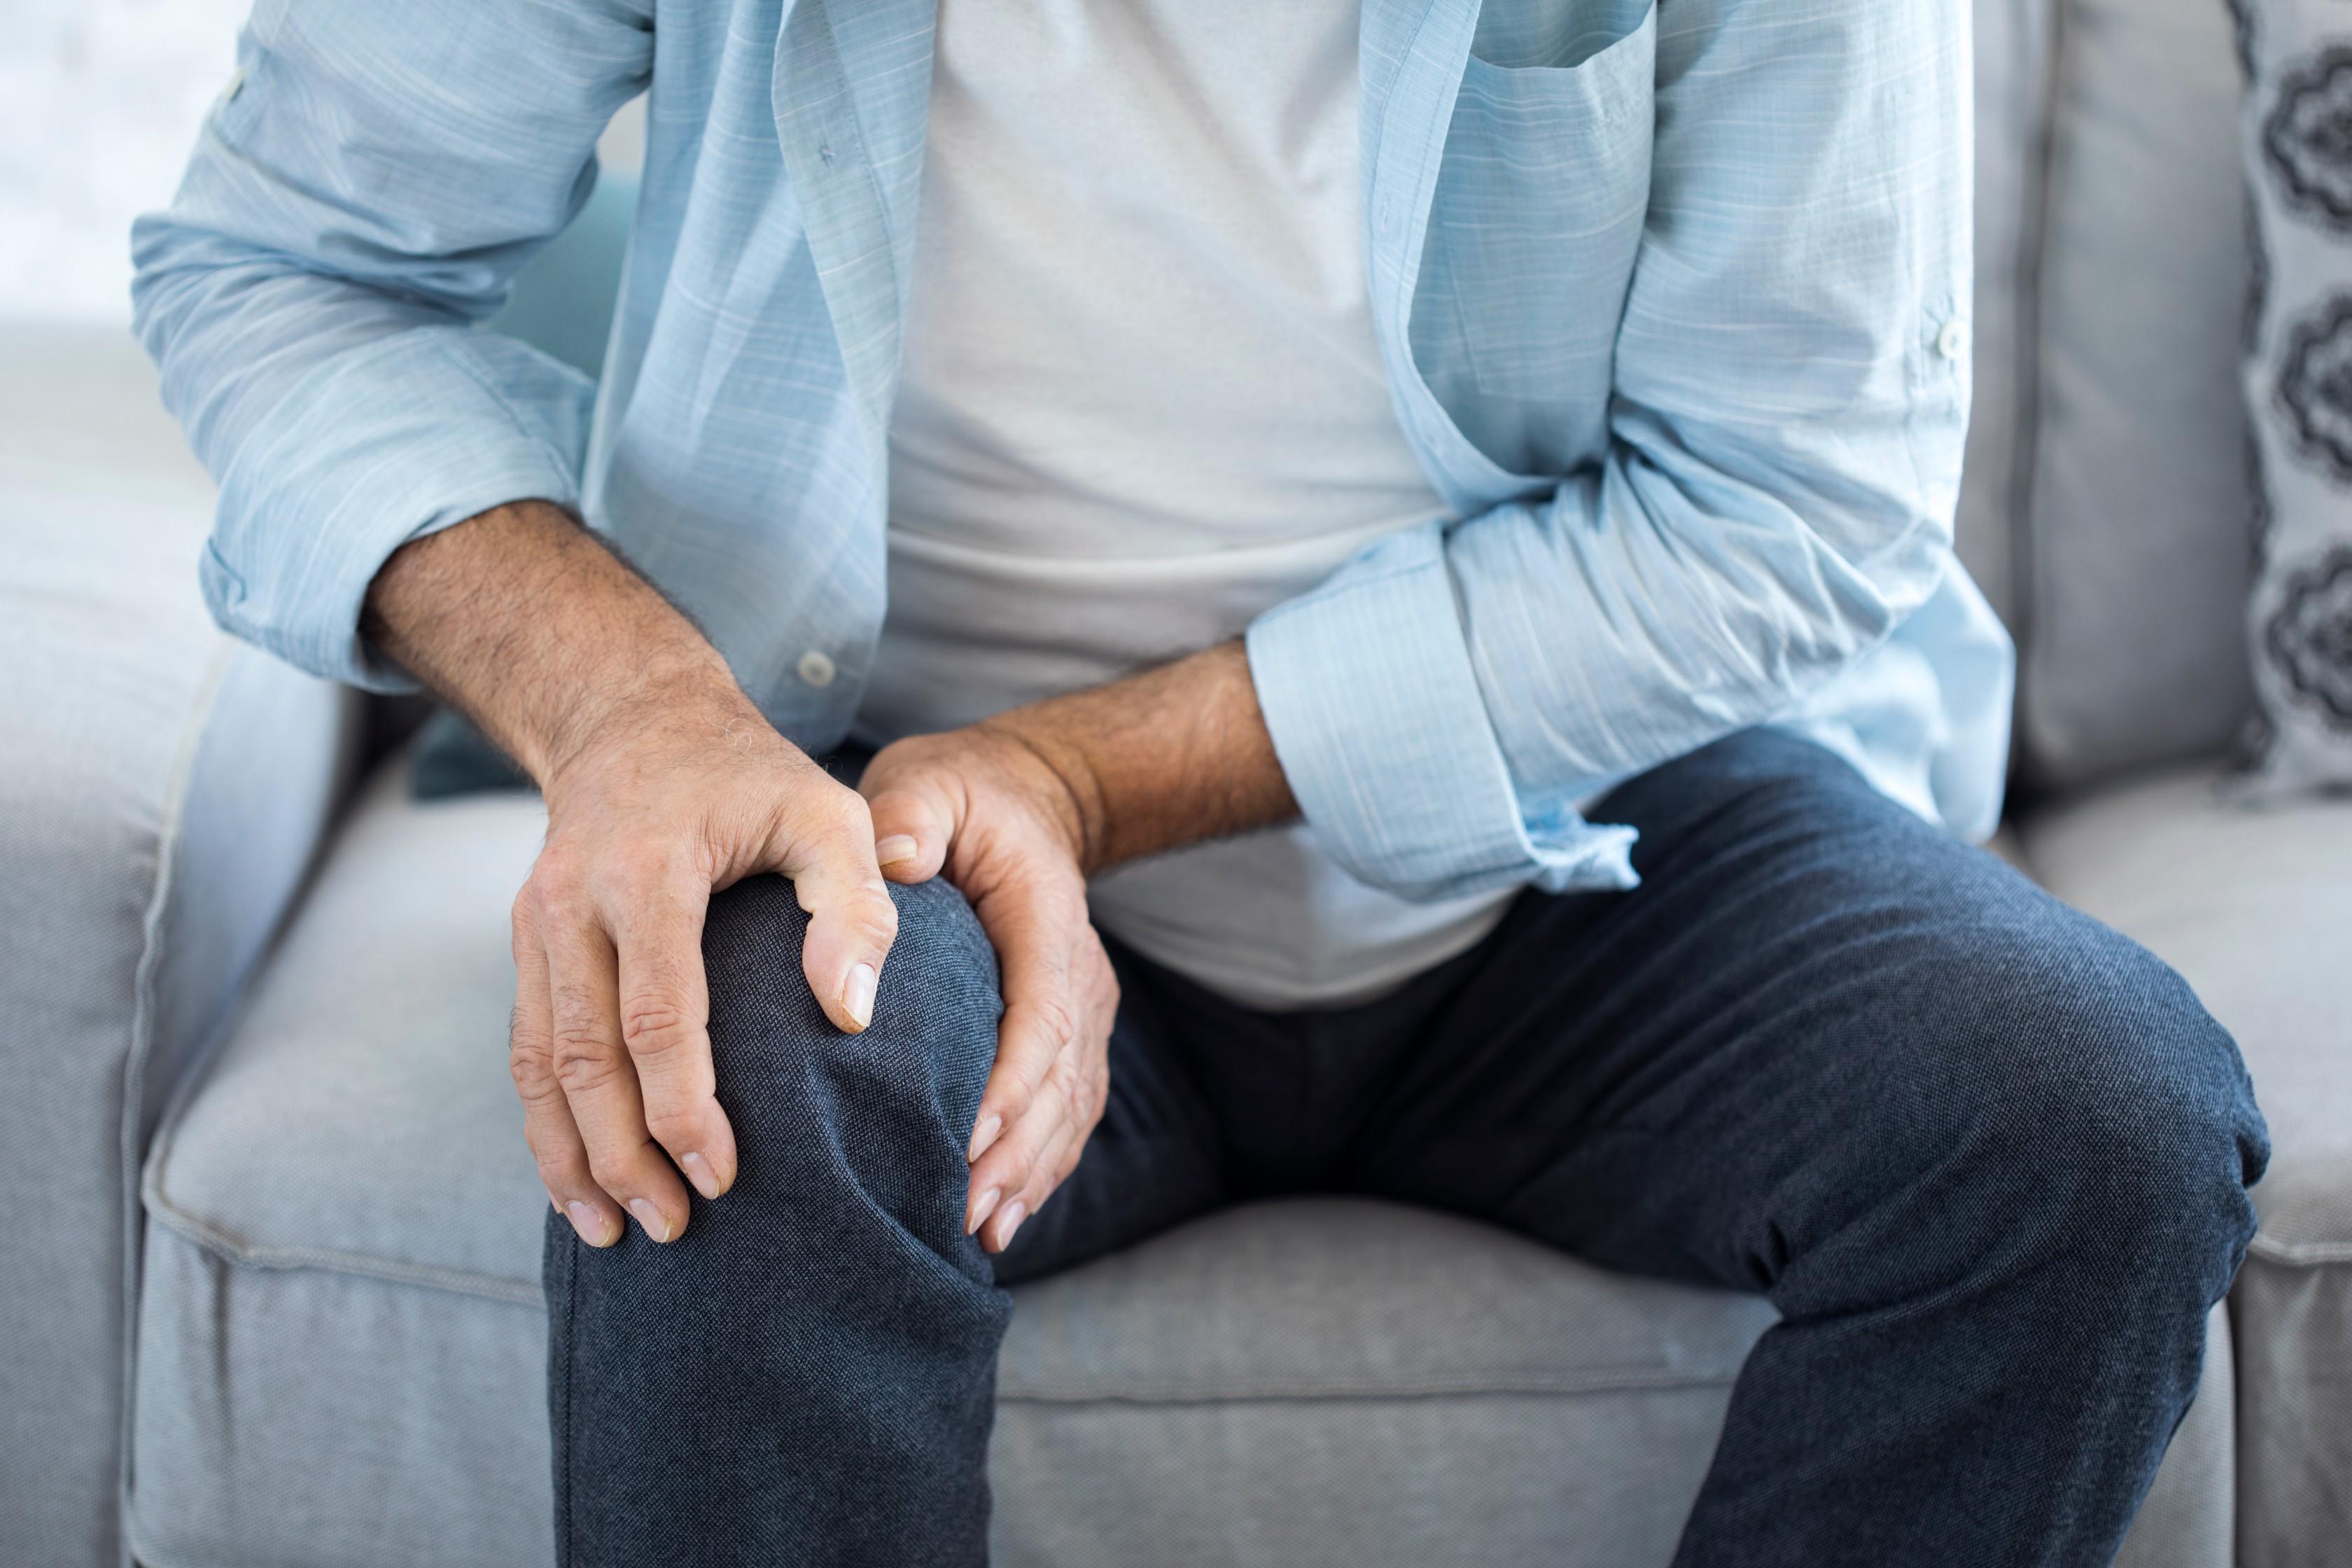 járási fájdalom az ízületek bal lábánál